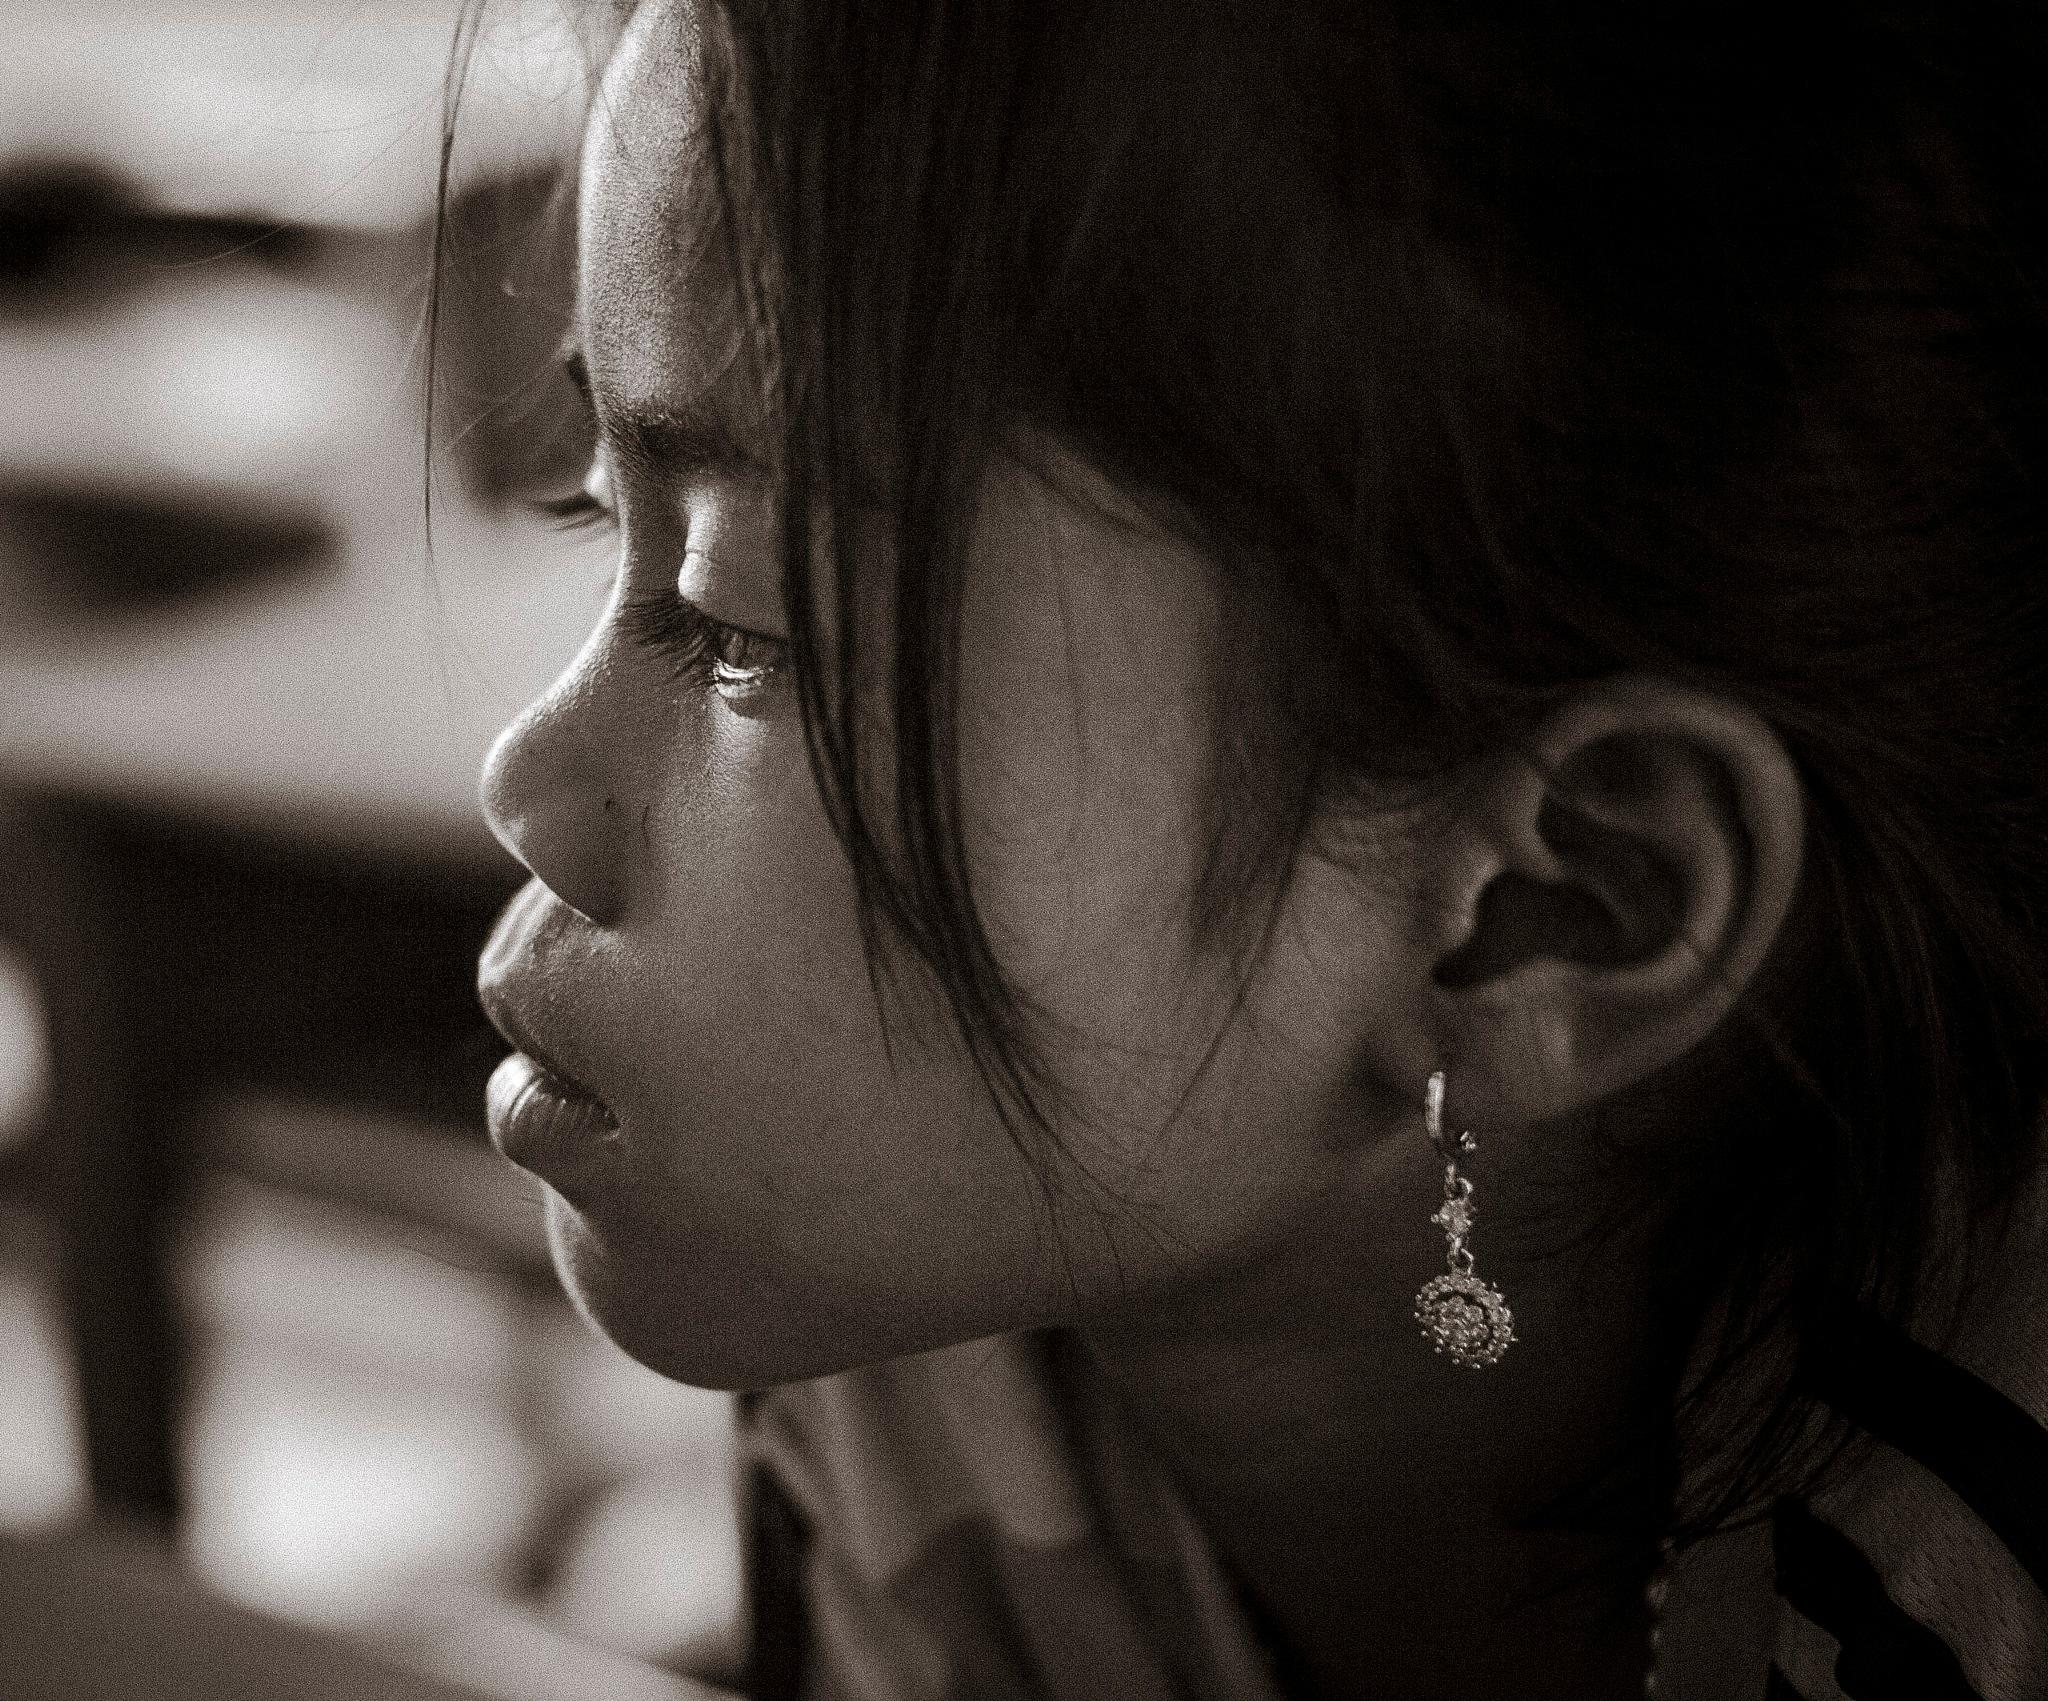 カンボジアの肖像20180331B by wwfax photography